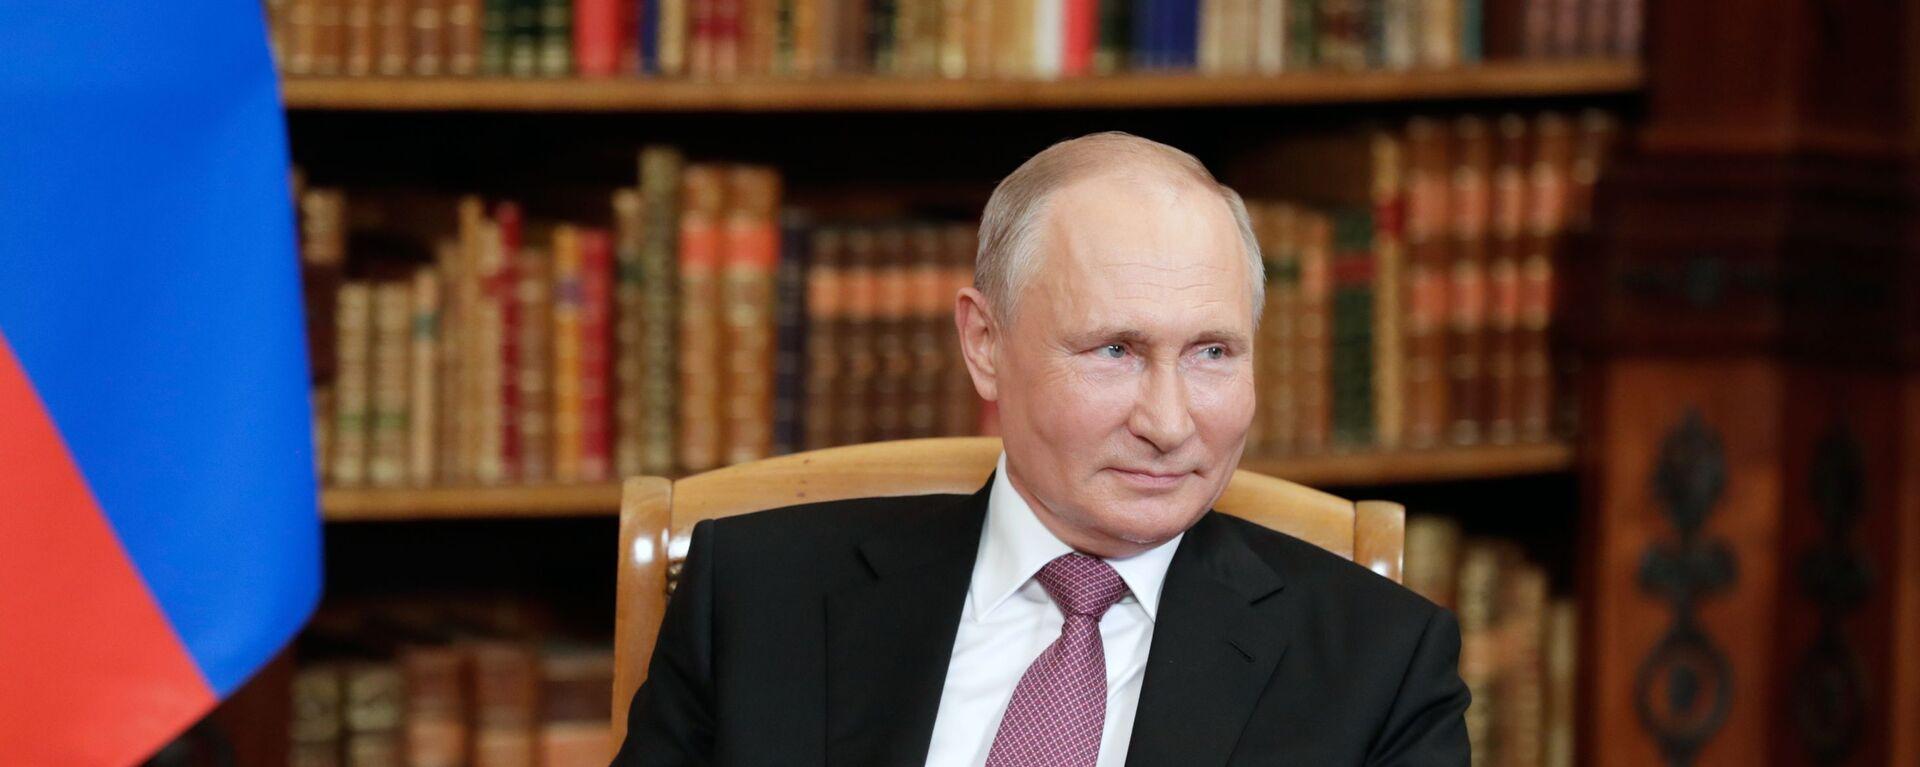 Ruský prezident Vladimir Putin na jednáních s americkým prezidentem Joe Bidenem v Ženevě - Sputnik Česká republika, 1920, 07.07.2021